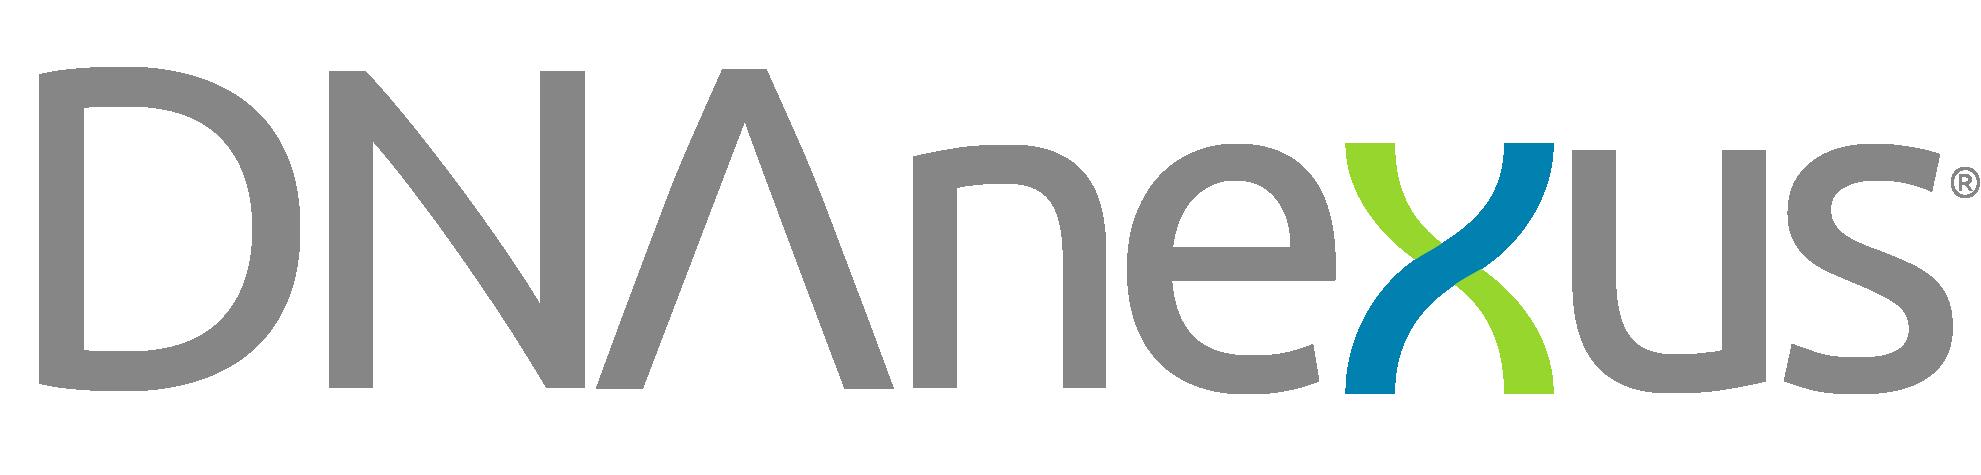 dnanexus-logo.png